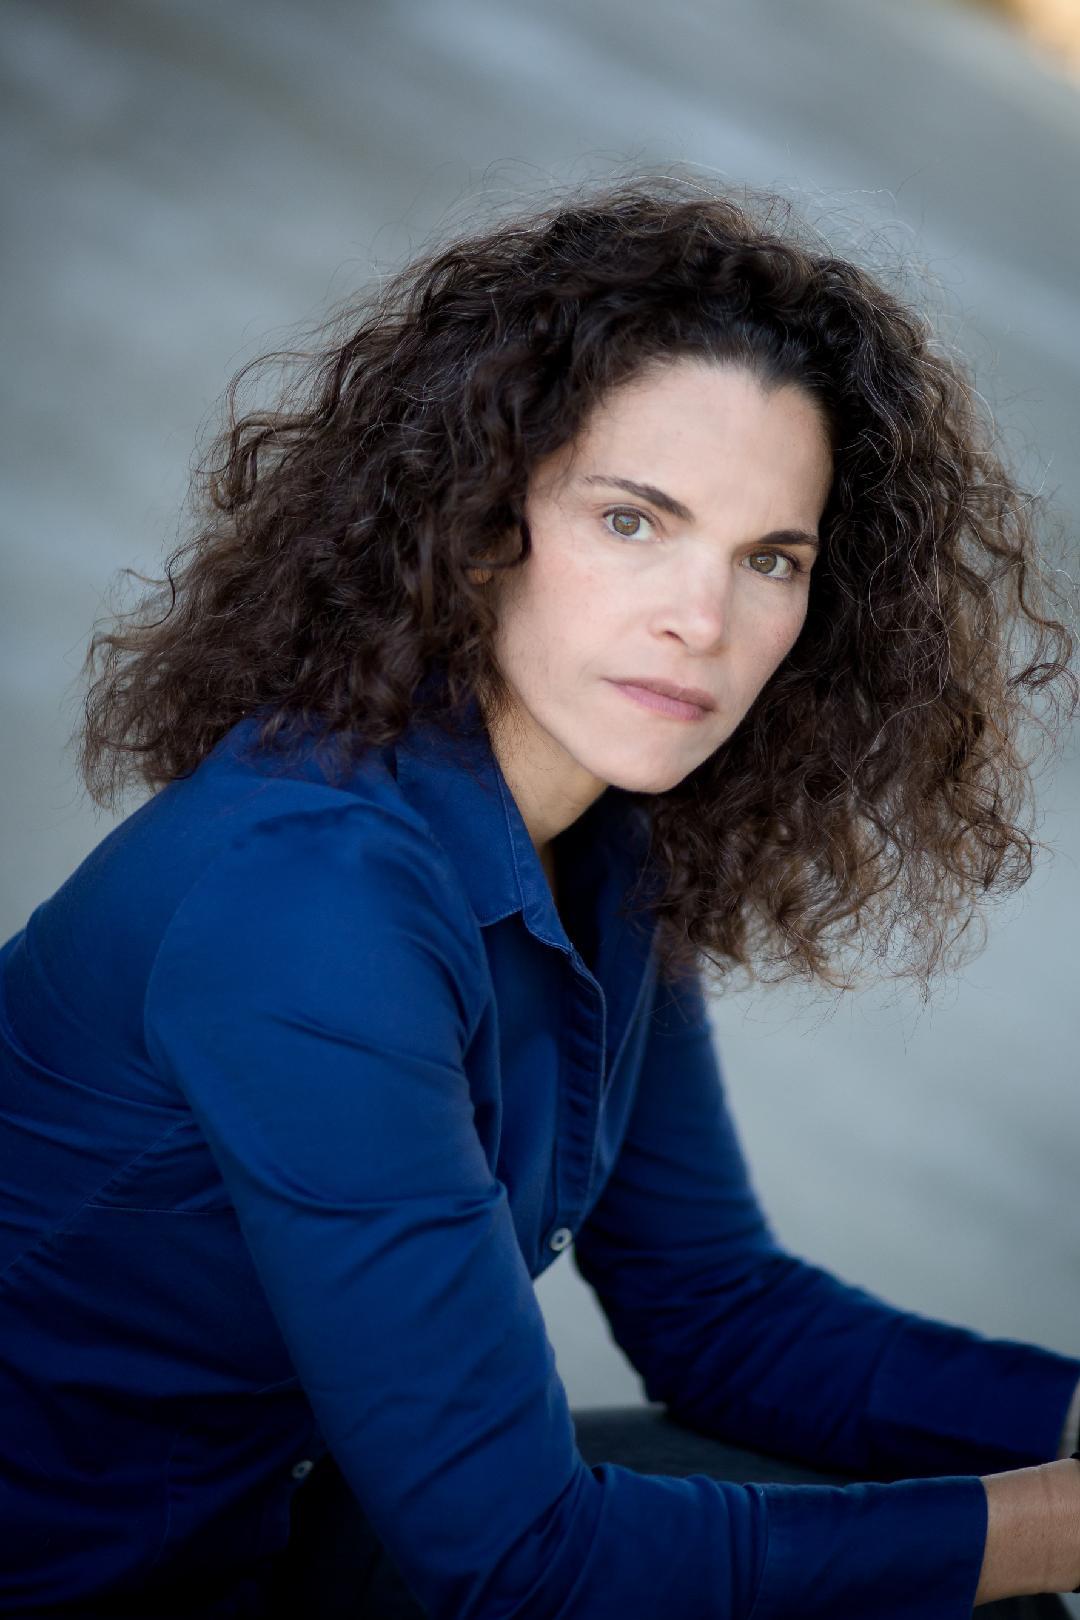 Ruby Barnhill (born 2004),Lesley-Anne Down (born 1954 (naturalized American citizen) XXX videos Carla Jimenez,Ivanna Sakhno